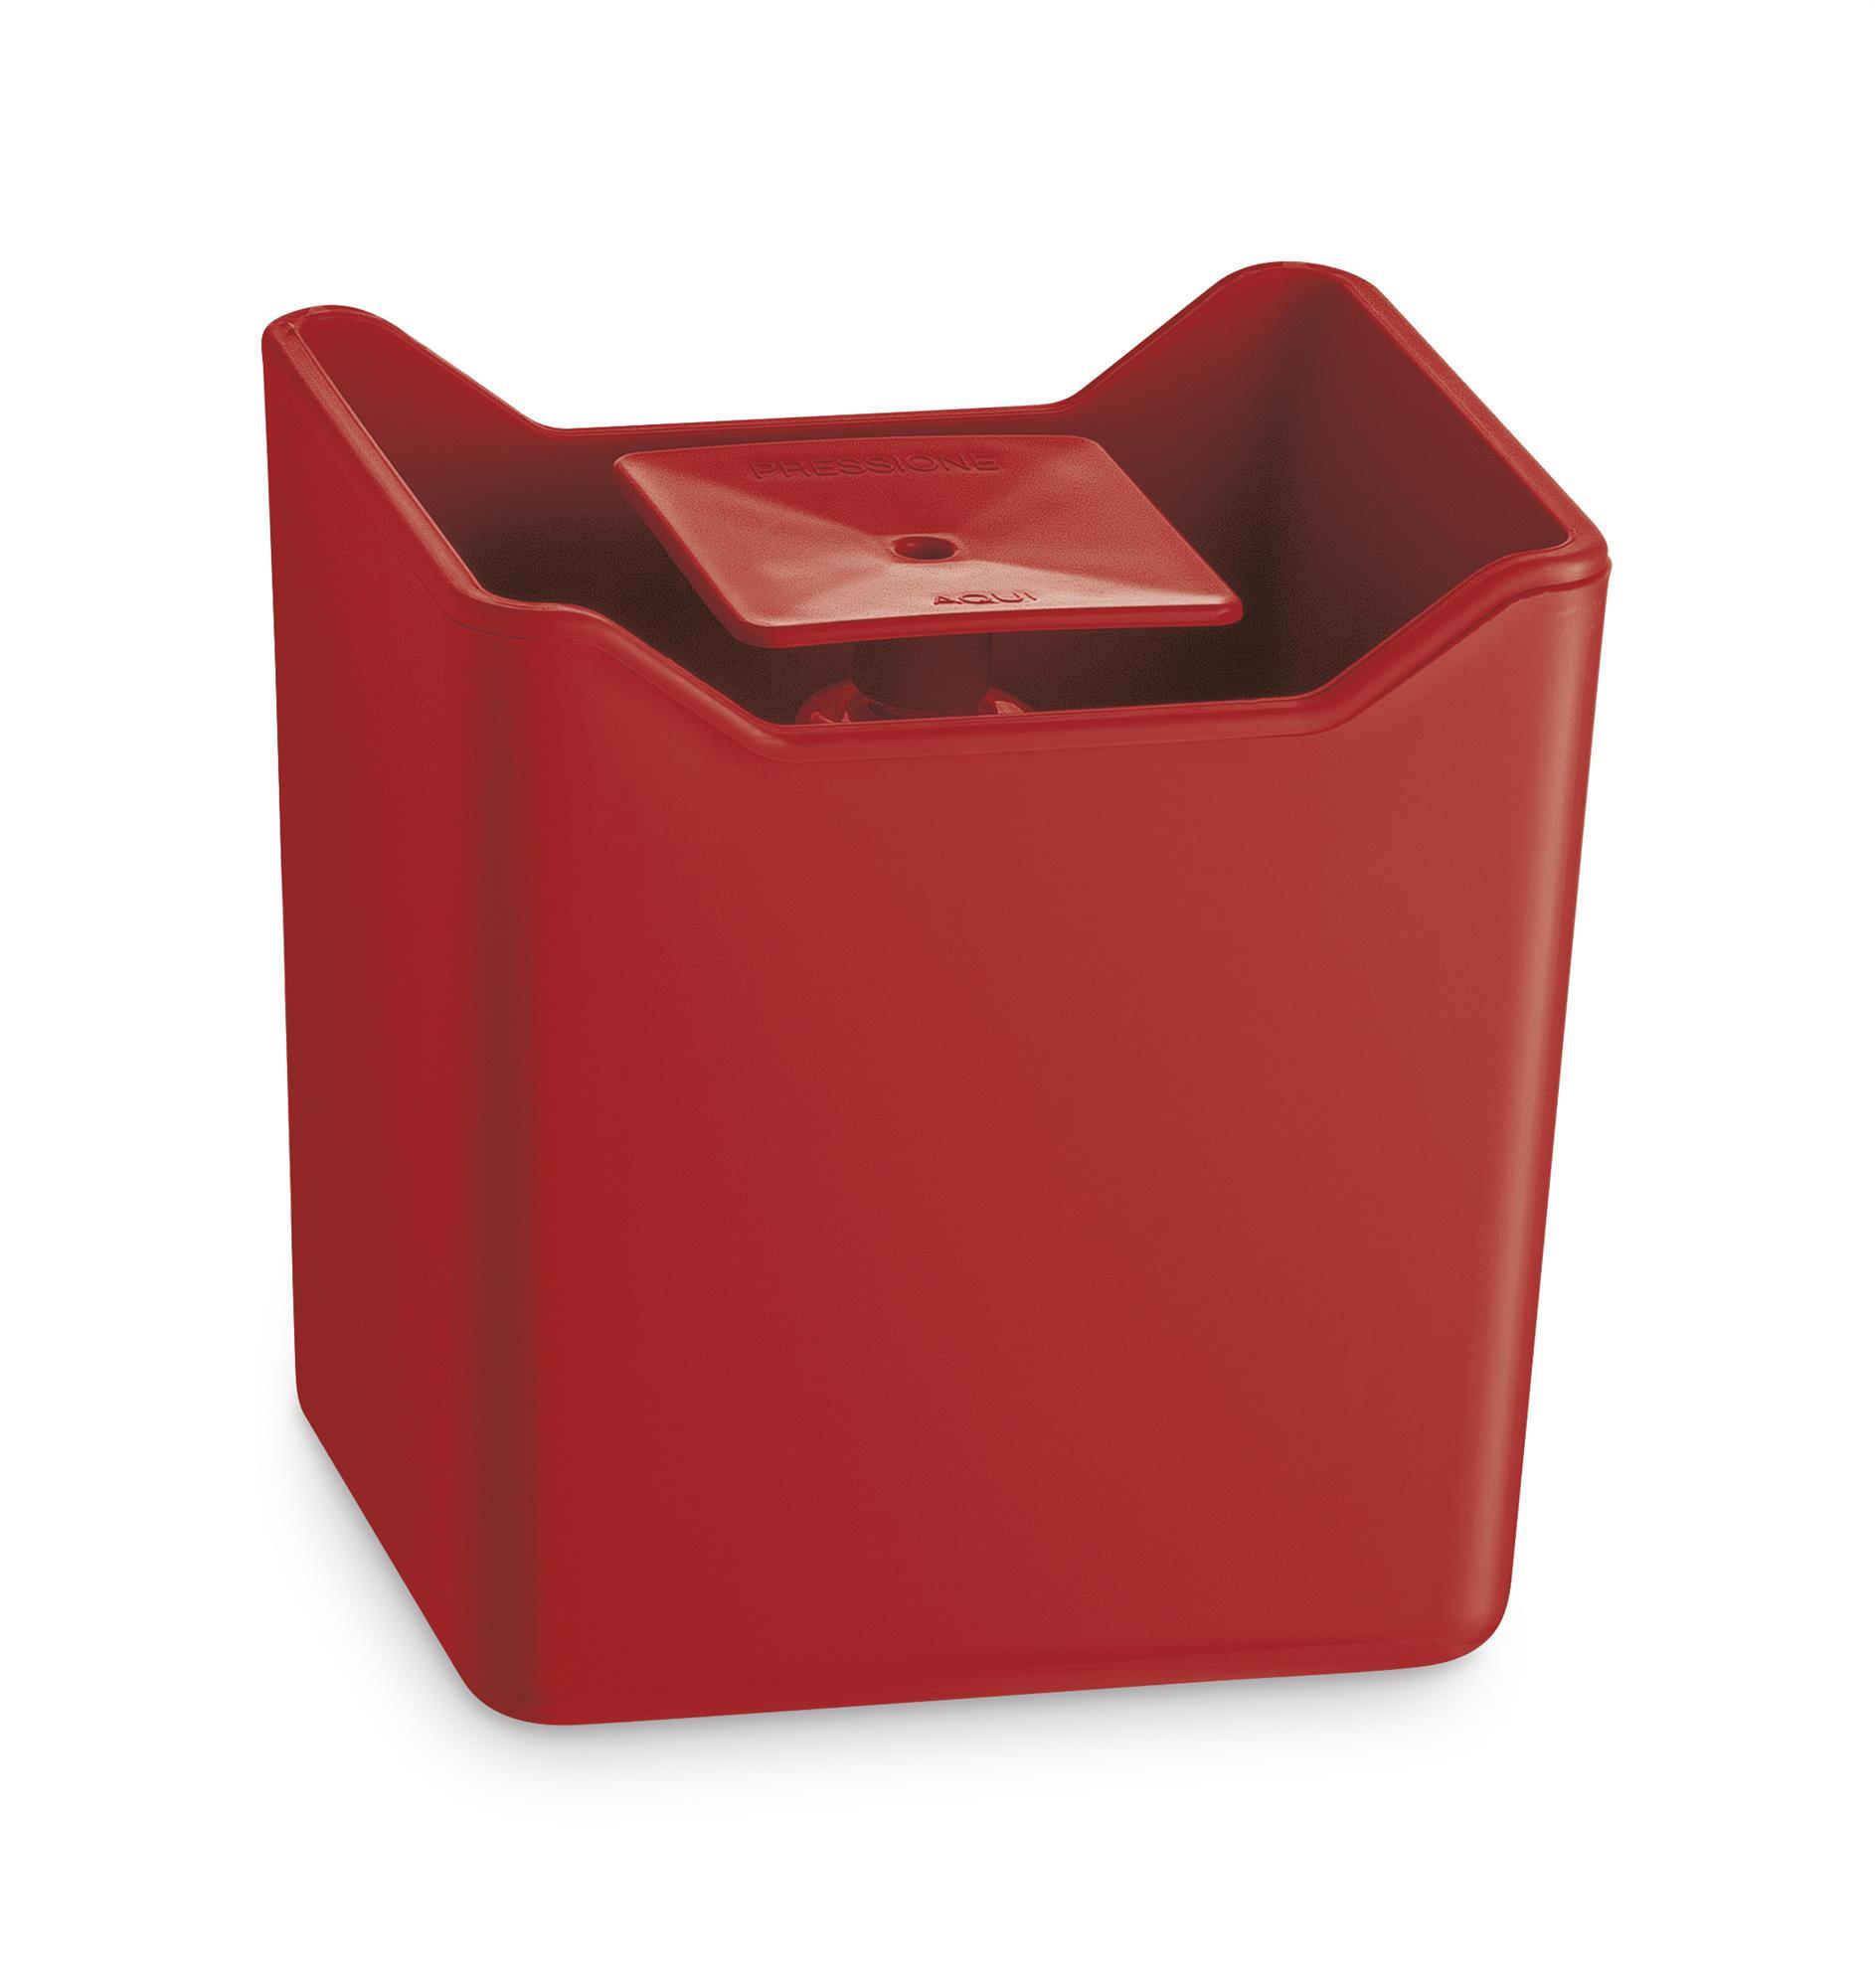 Dispenser Detergente Econômico 500ml Premium Vermelho Uz